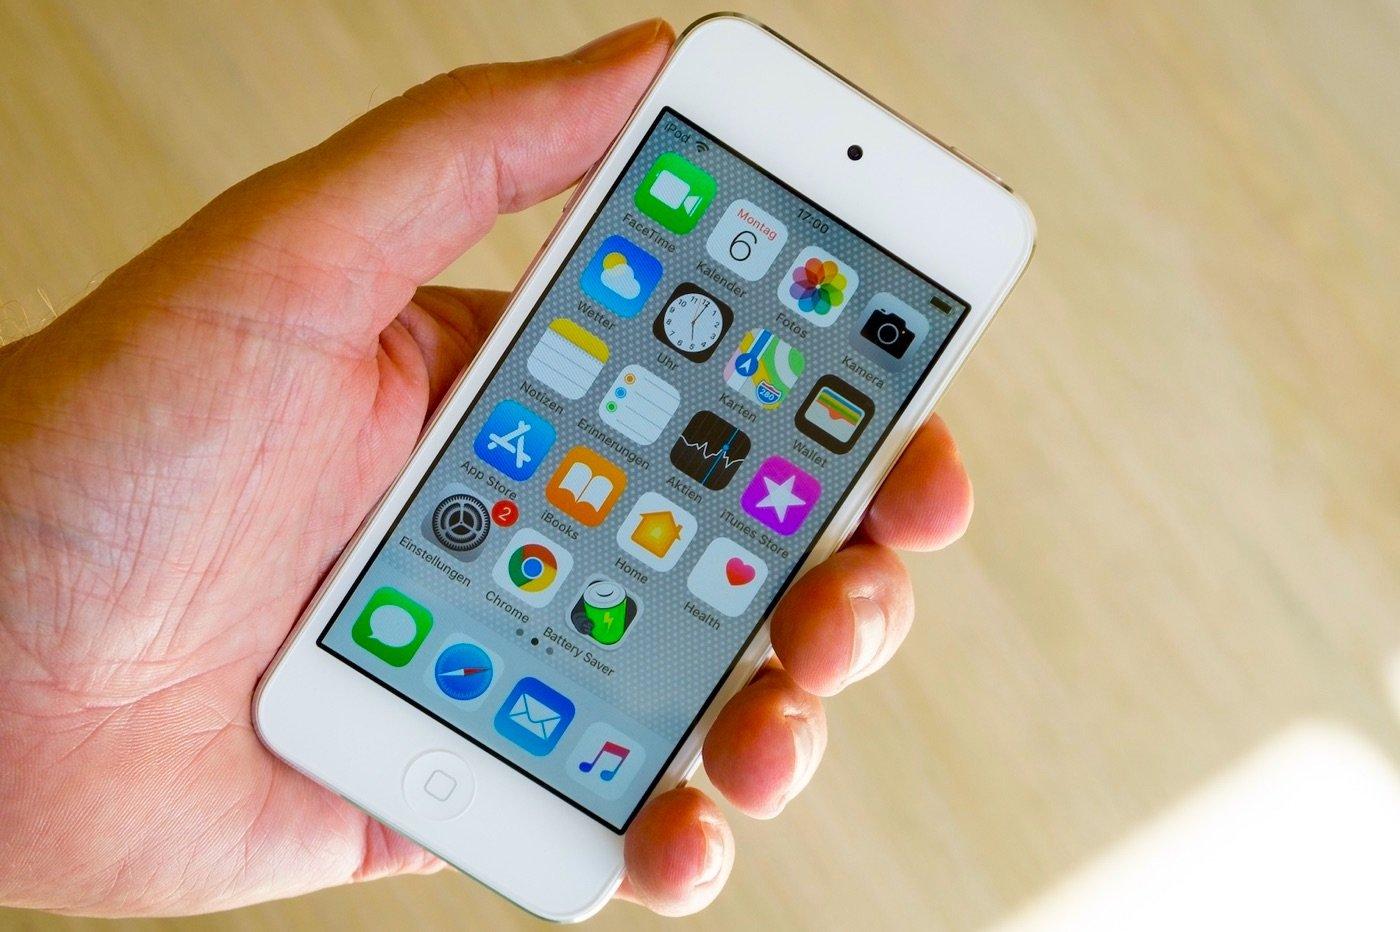 Les iPhone supportent jusqu'à 6 mises à jour majeures d'iOS 1